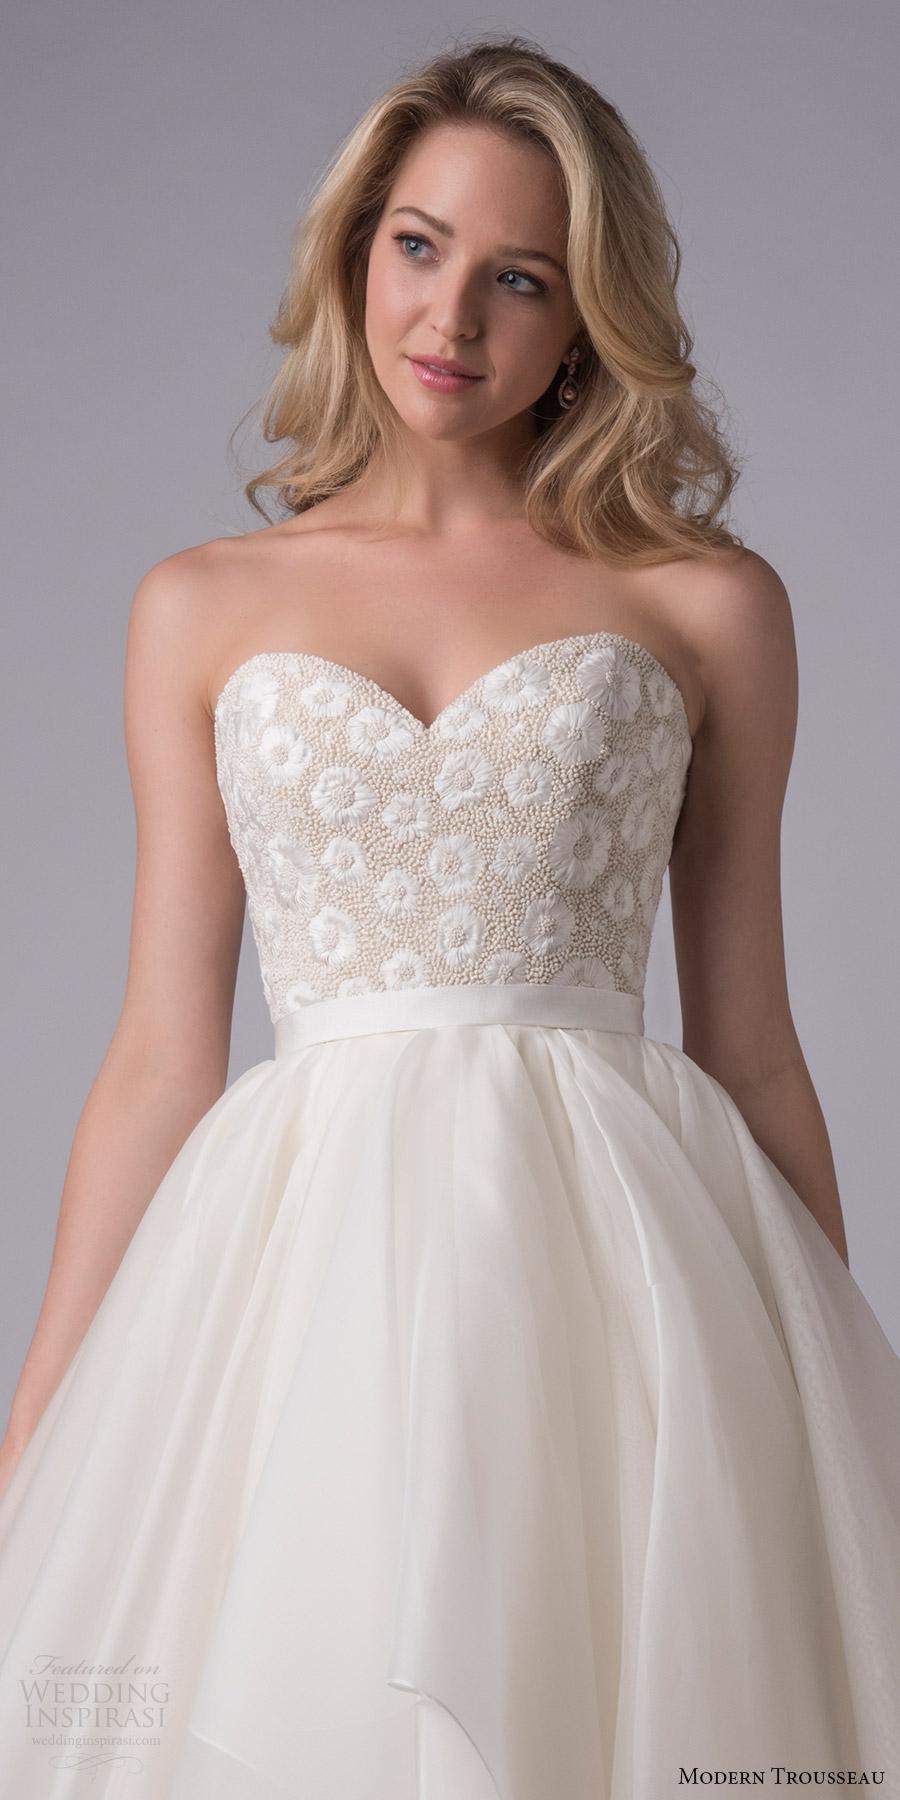 modern trousseau bridal fall 2017 strapless sweetheart ball gown wedding dress (keely) zfv handkerchief skirt